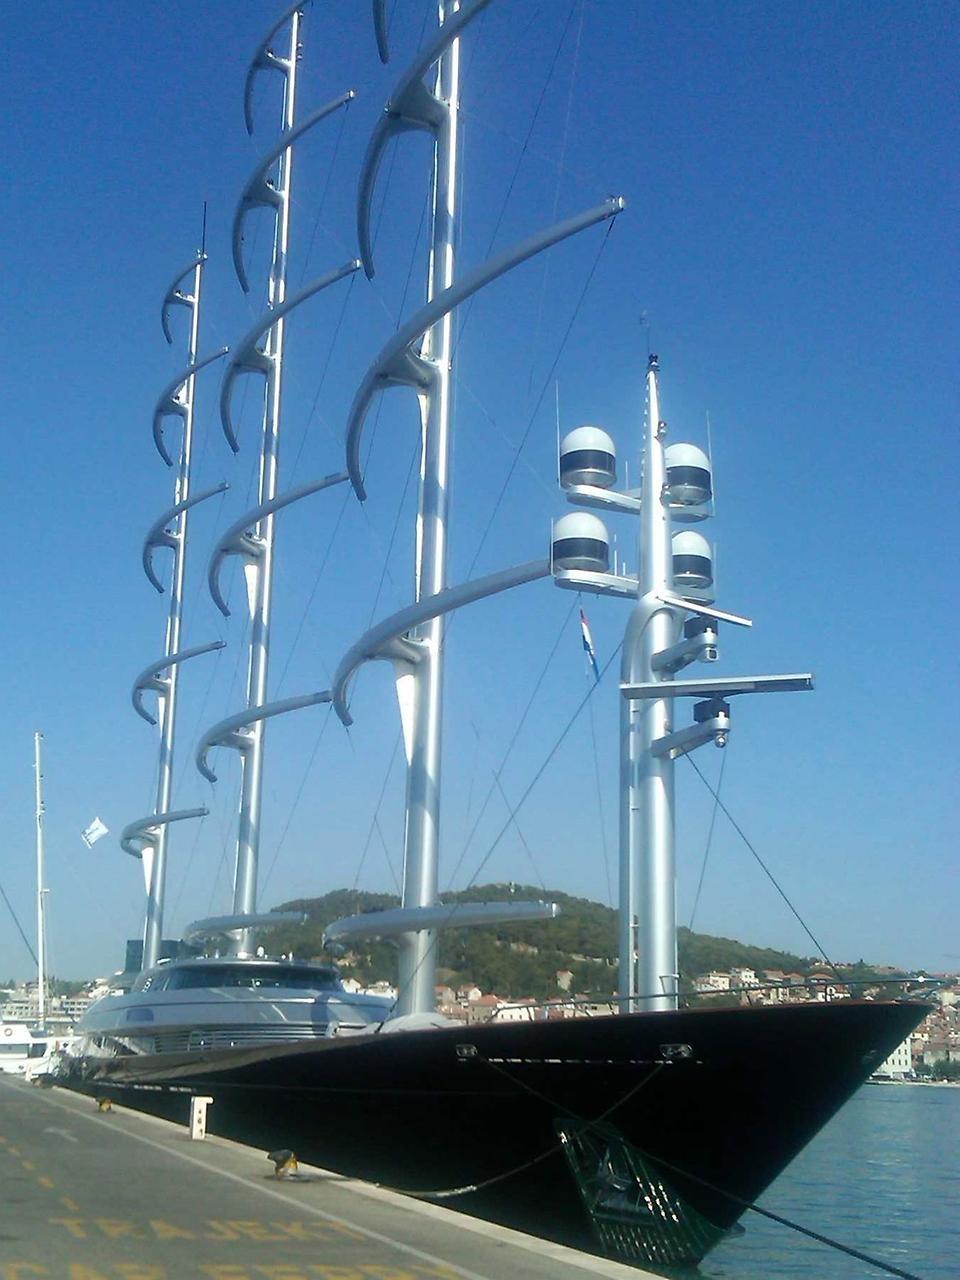 MalteseFalcon05 Мальтийский сокол: Одна из самых больших парусных яхт